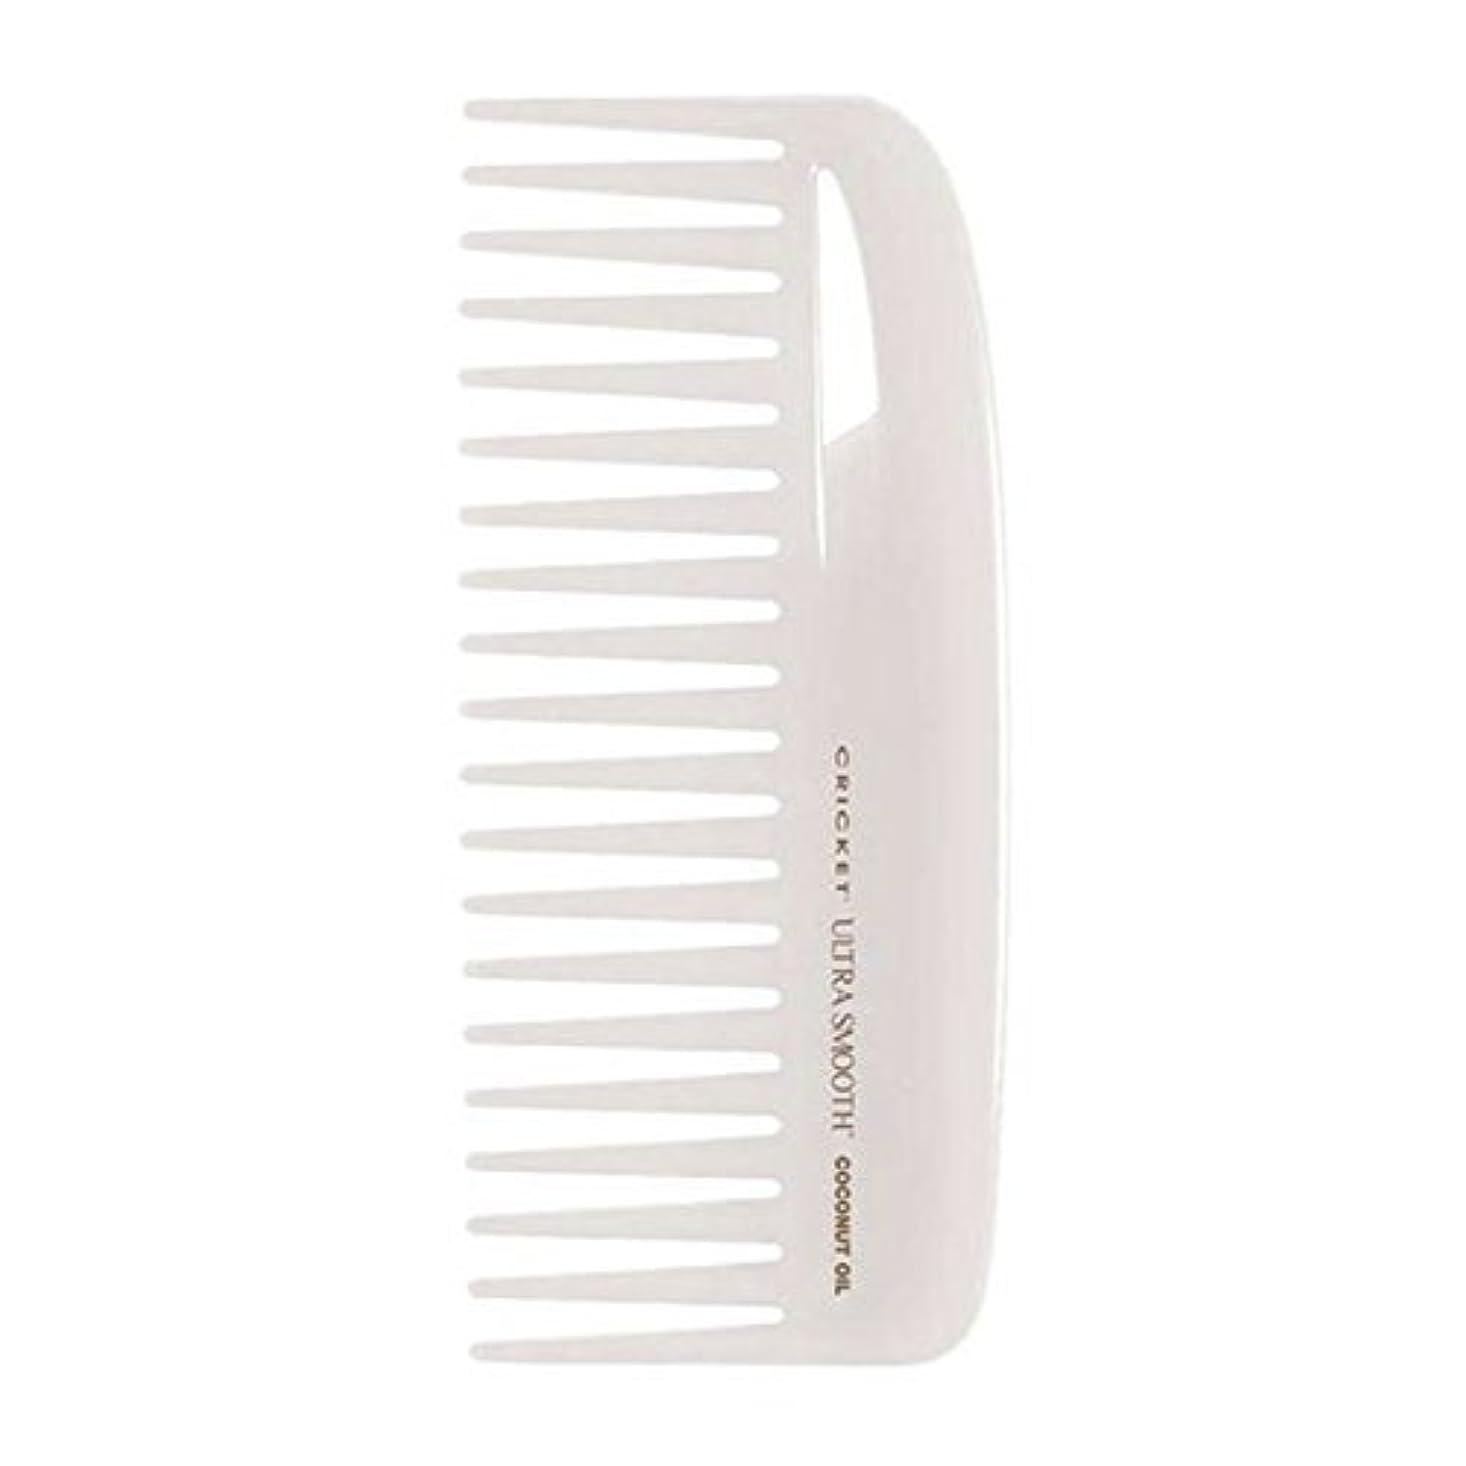 パーツ泥沼するCricket Ultra Smooth Coconut Conditioning Comb, 1 Count [並行輸入品]